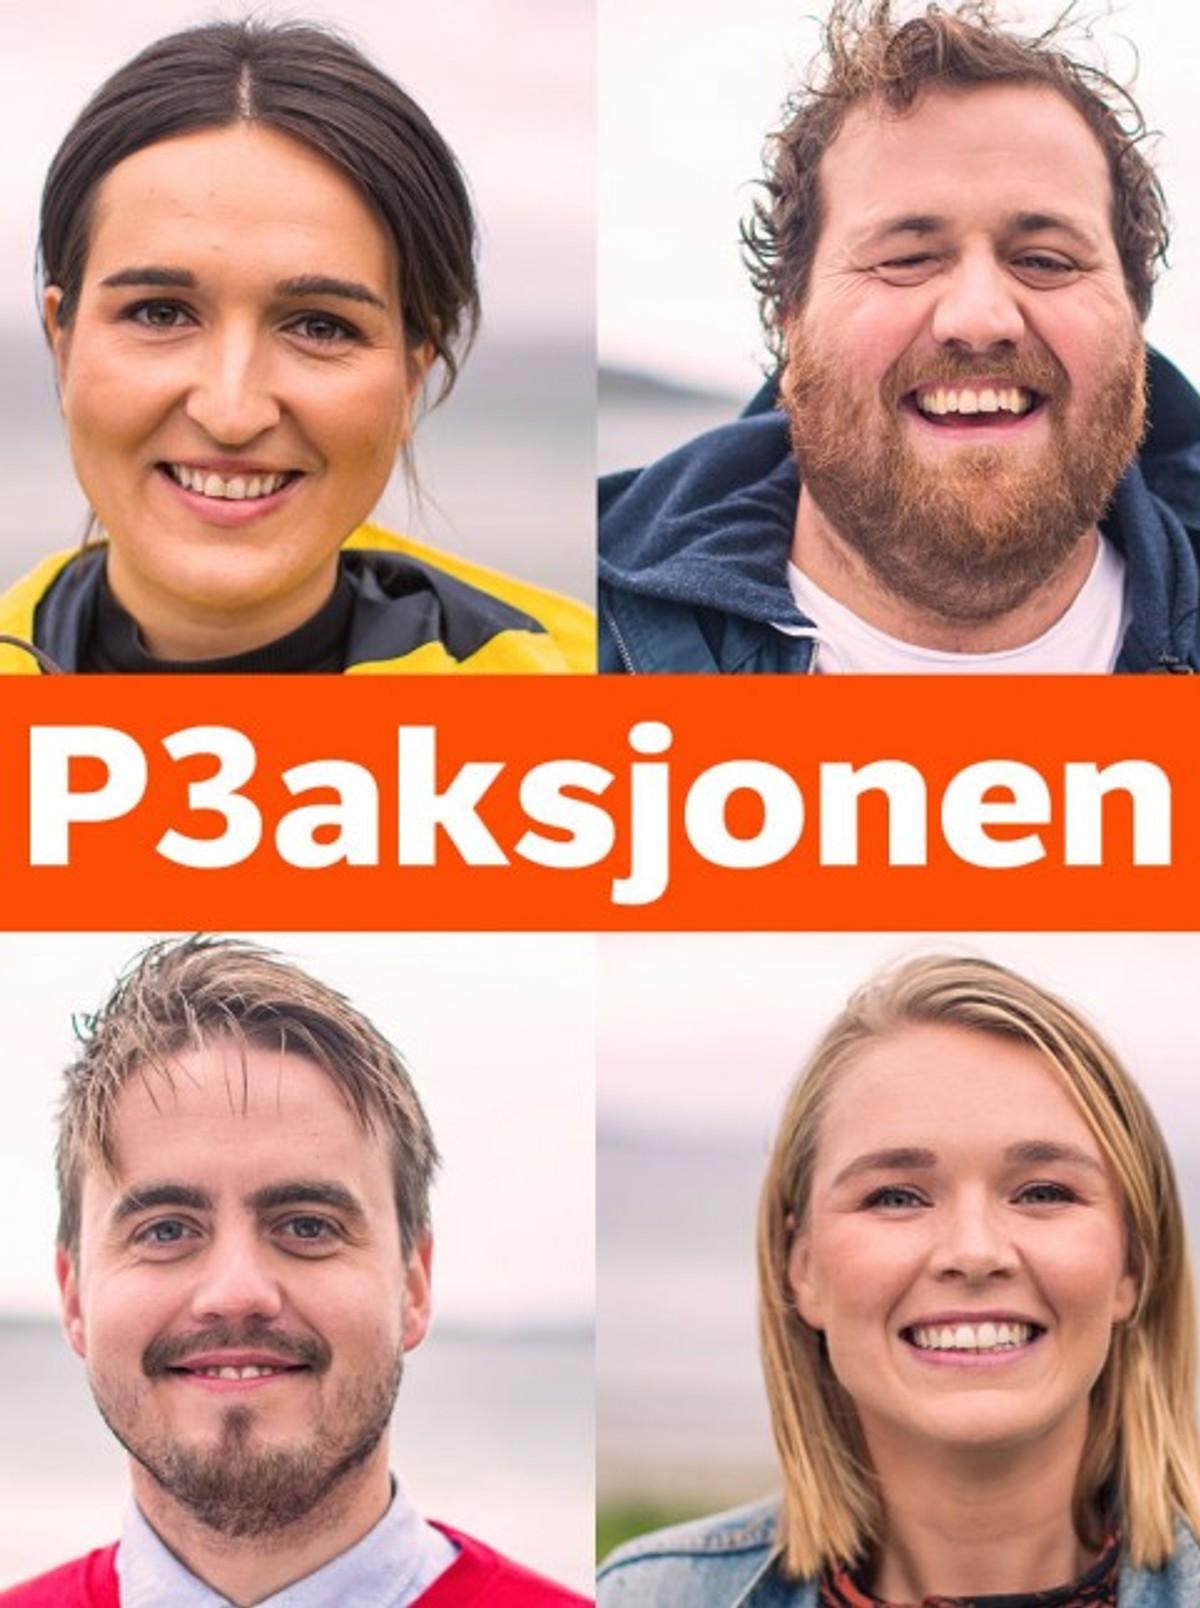 P3aksjonen 2018 Nrk Presse Pressemeldinger Bilder Og Kontaktinformasjon